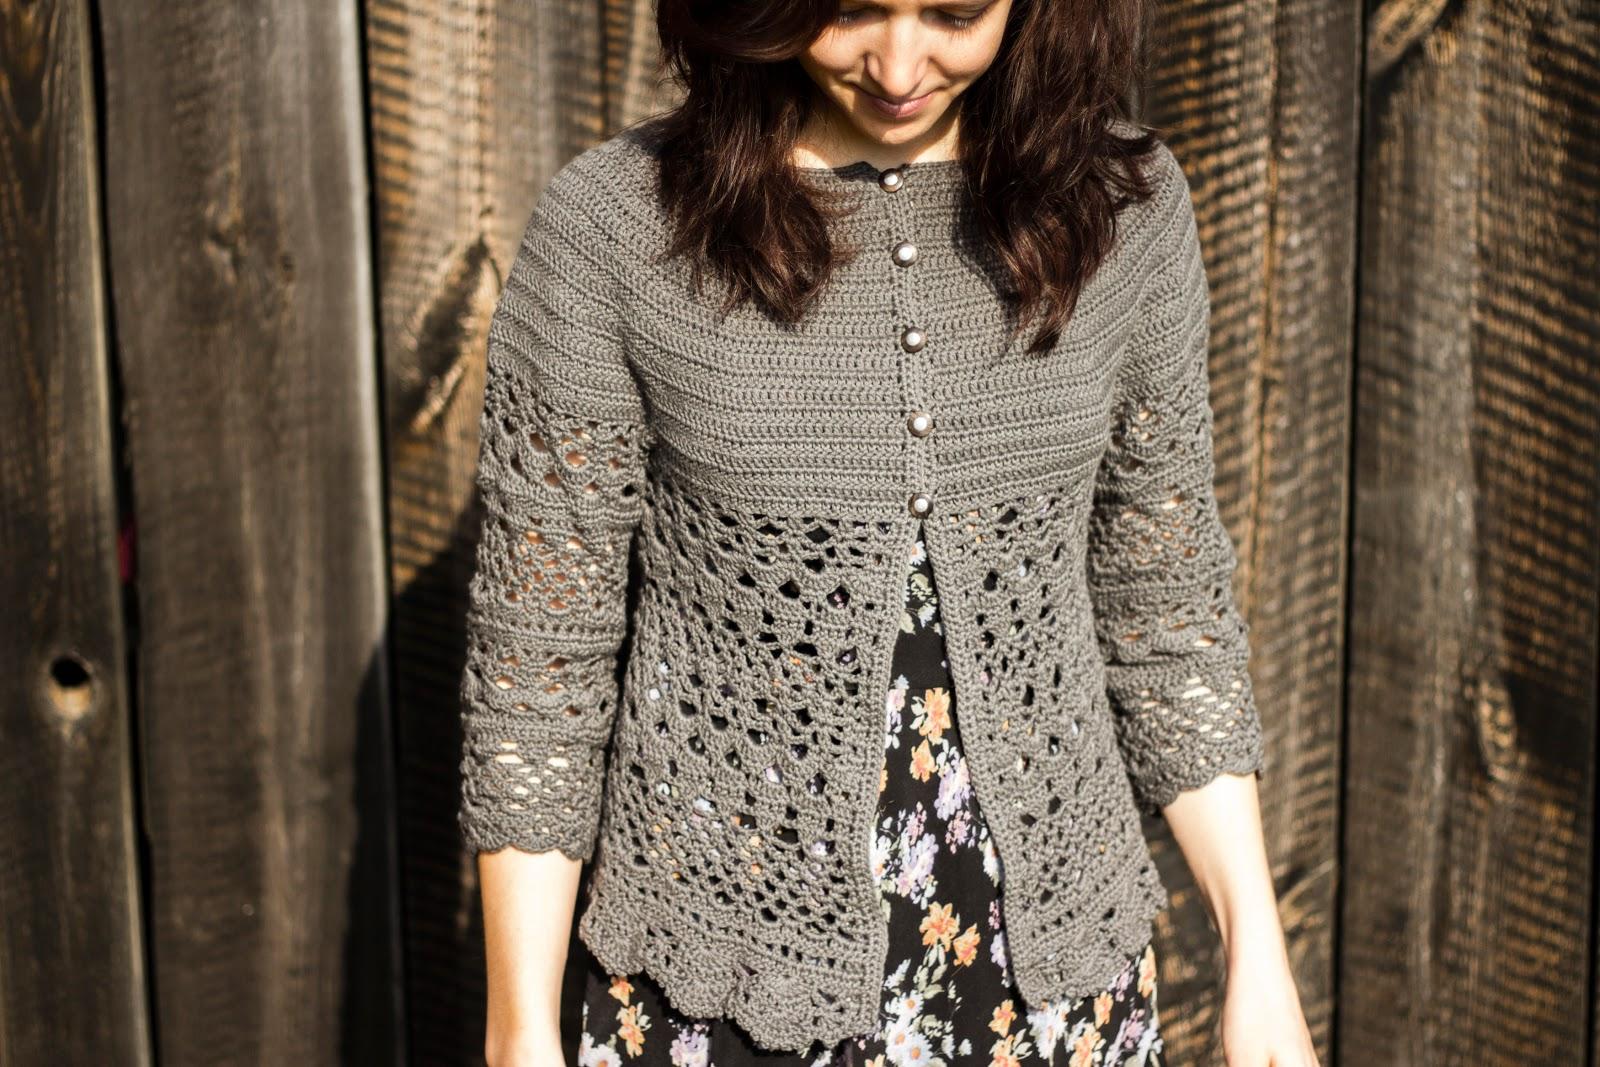 """Gehäkelte Jacke """"Lacey Days Jacket"""" mit Lochmuster nach einer gratis Anleitung von Drops Design - diy crochet cardigan drops cotton"""